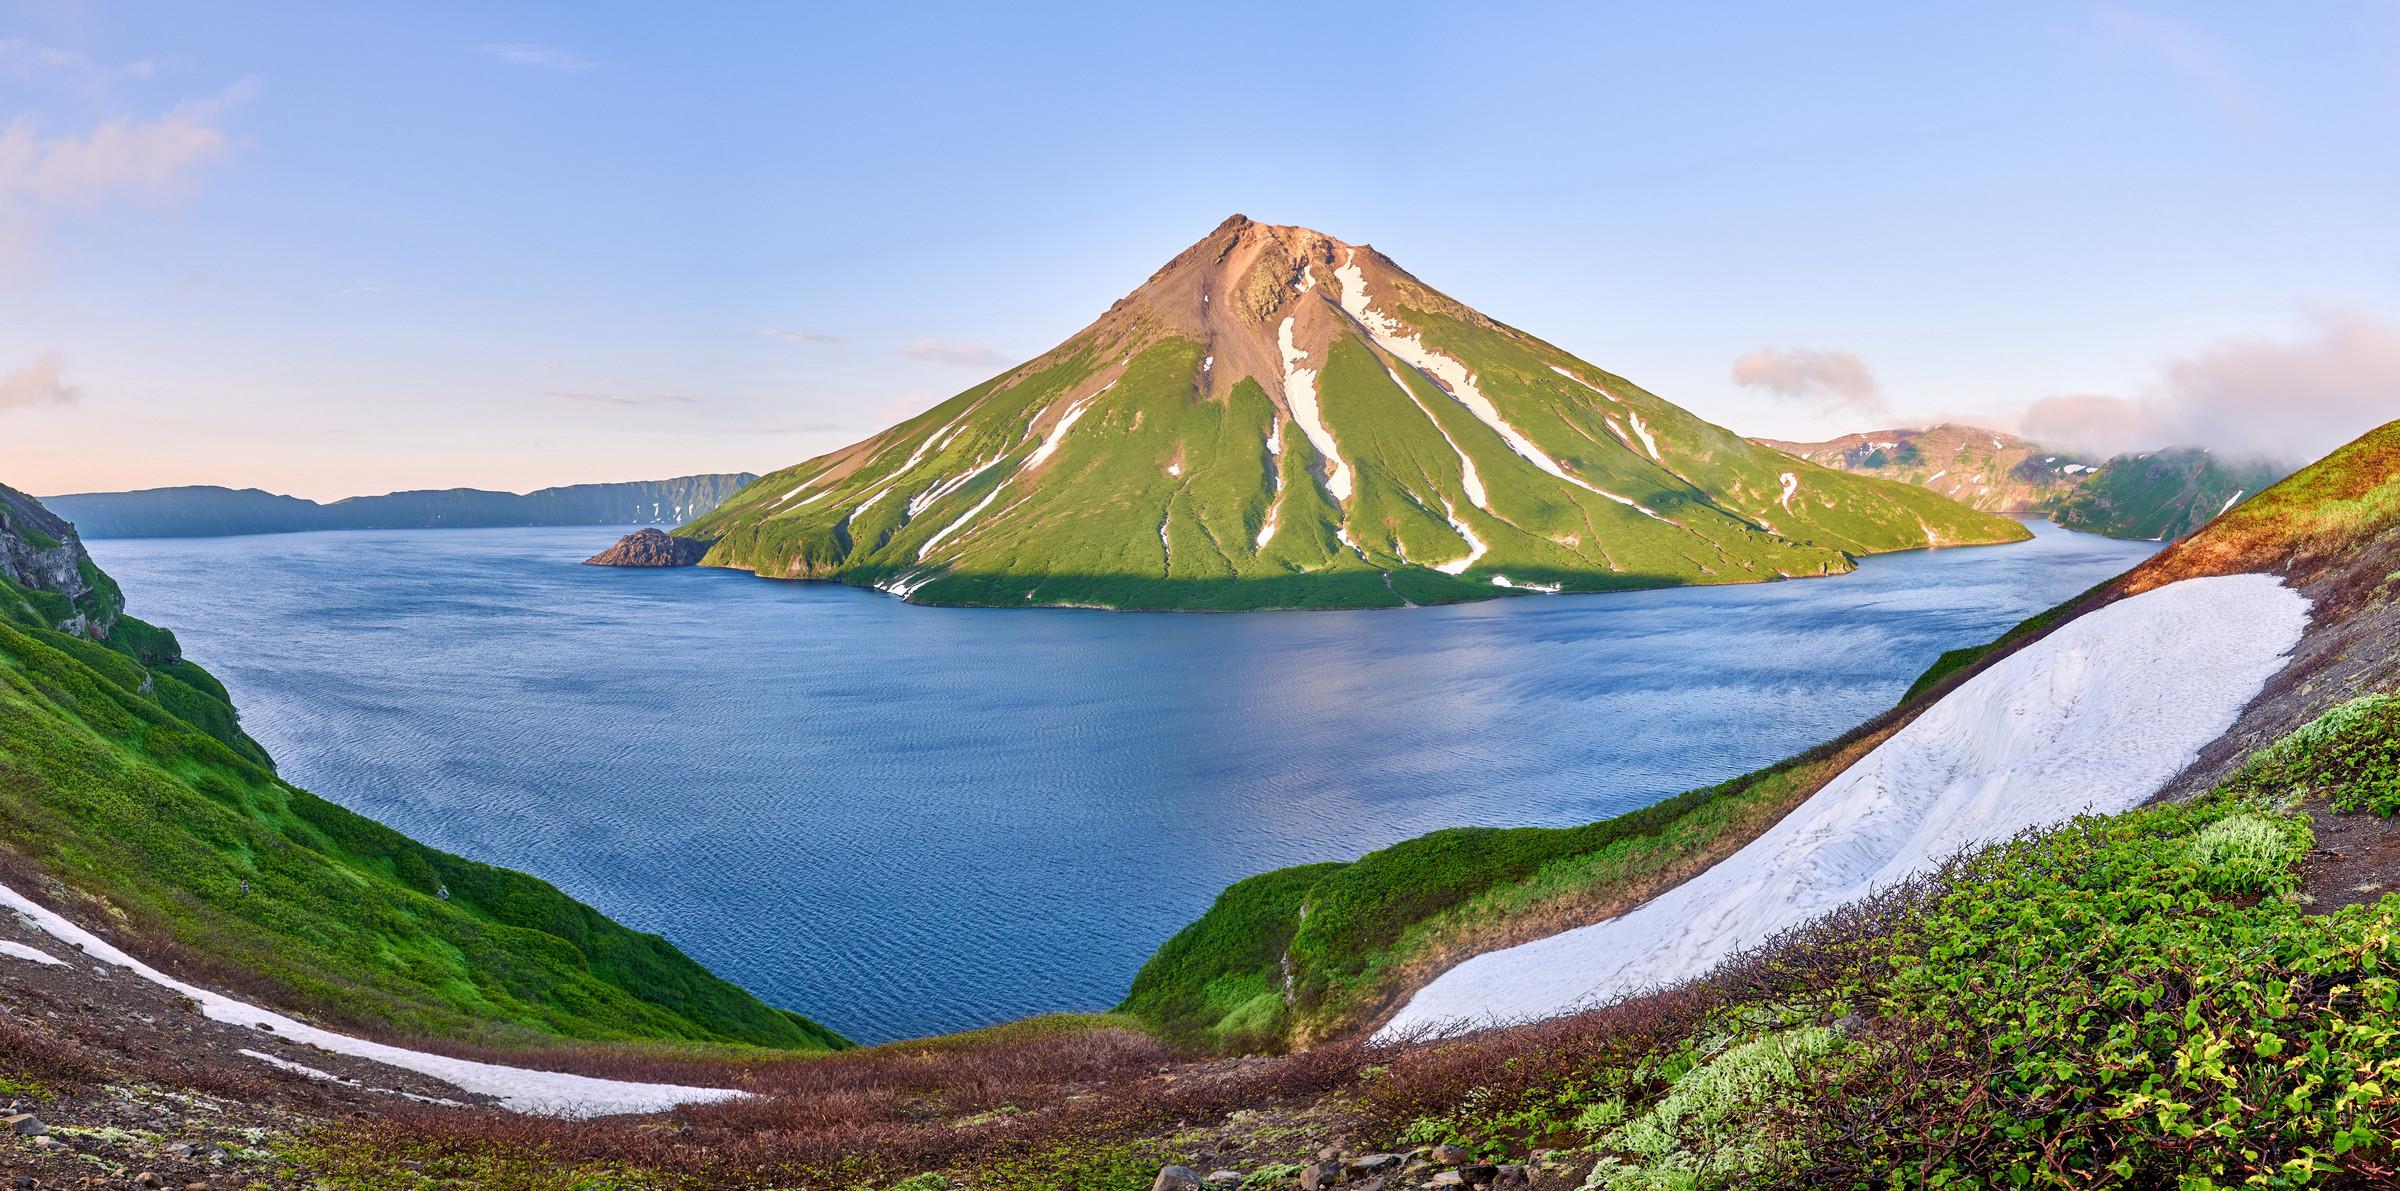 12 красивейших мест в мире. №1 — Король вулканов.